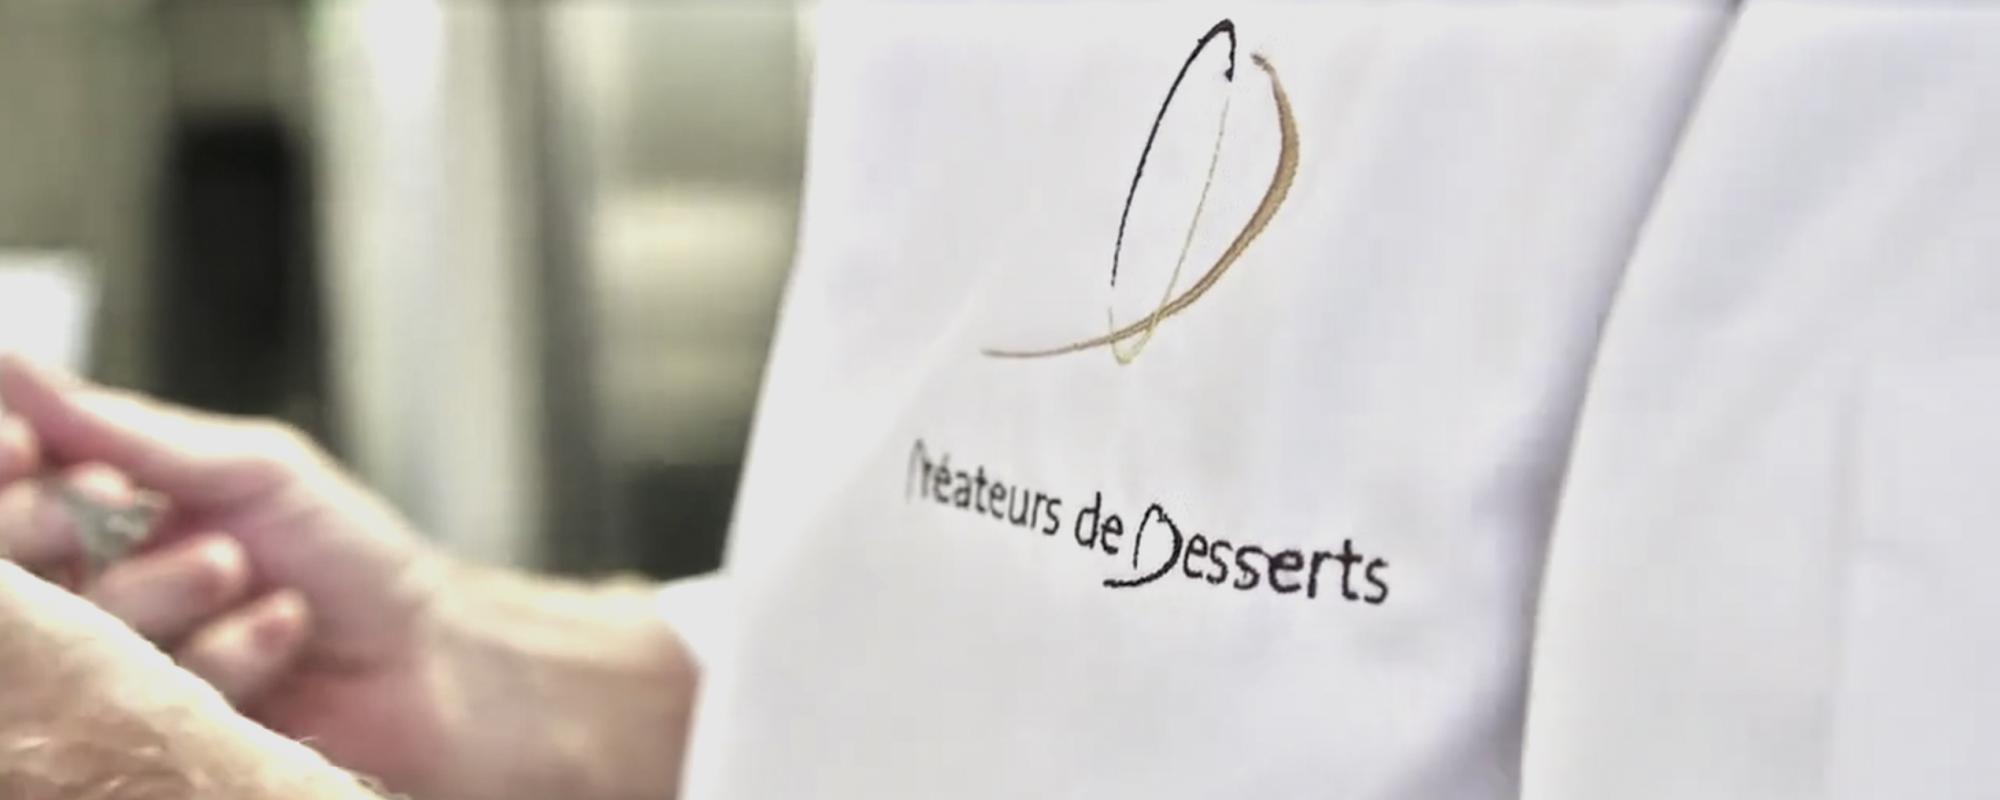 createurs de desserts - selecteren producten bij eerlijke handel